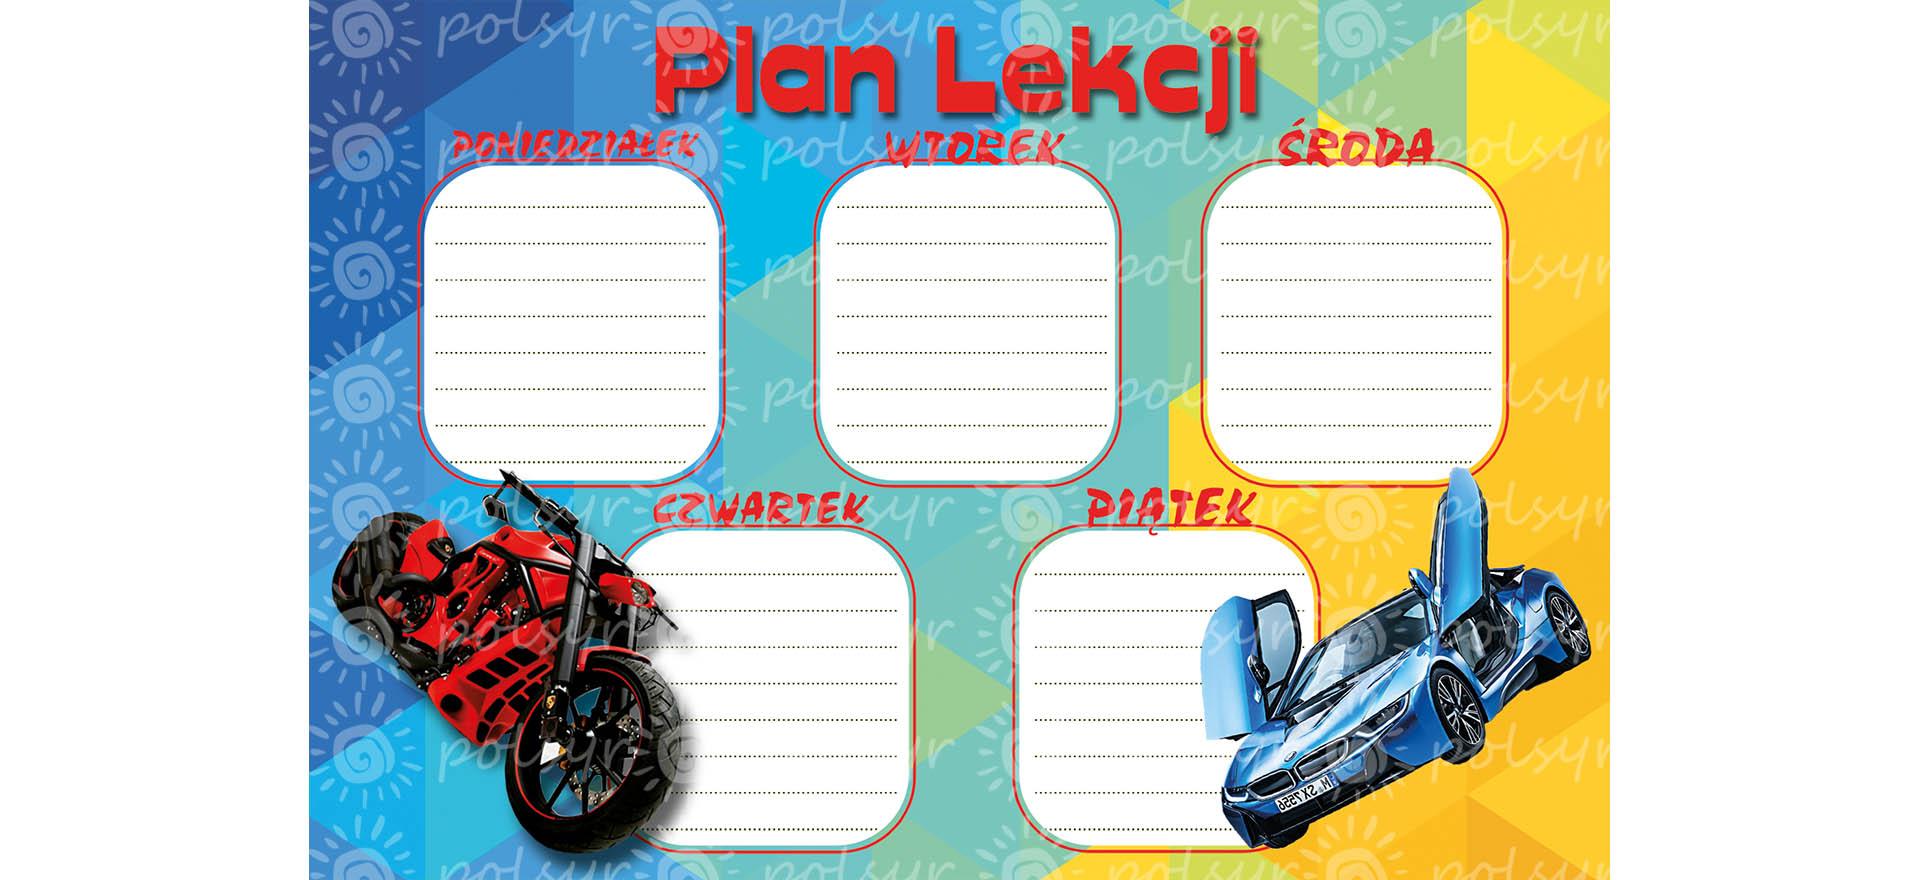 plan-lekcji-maly-polsyr-13